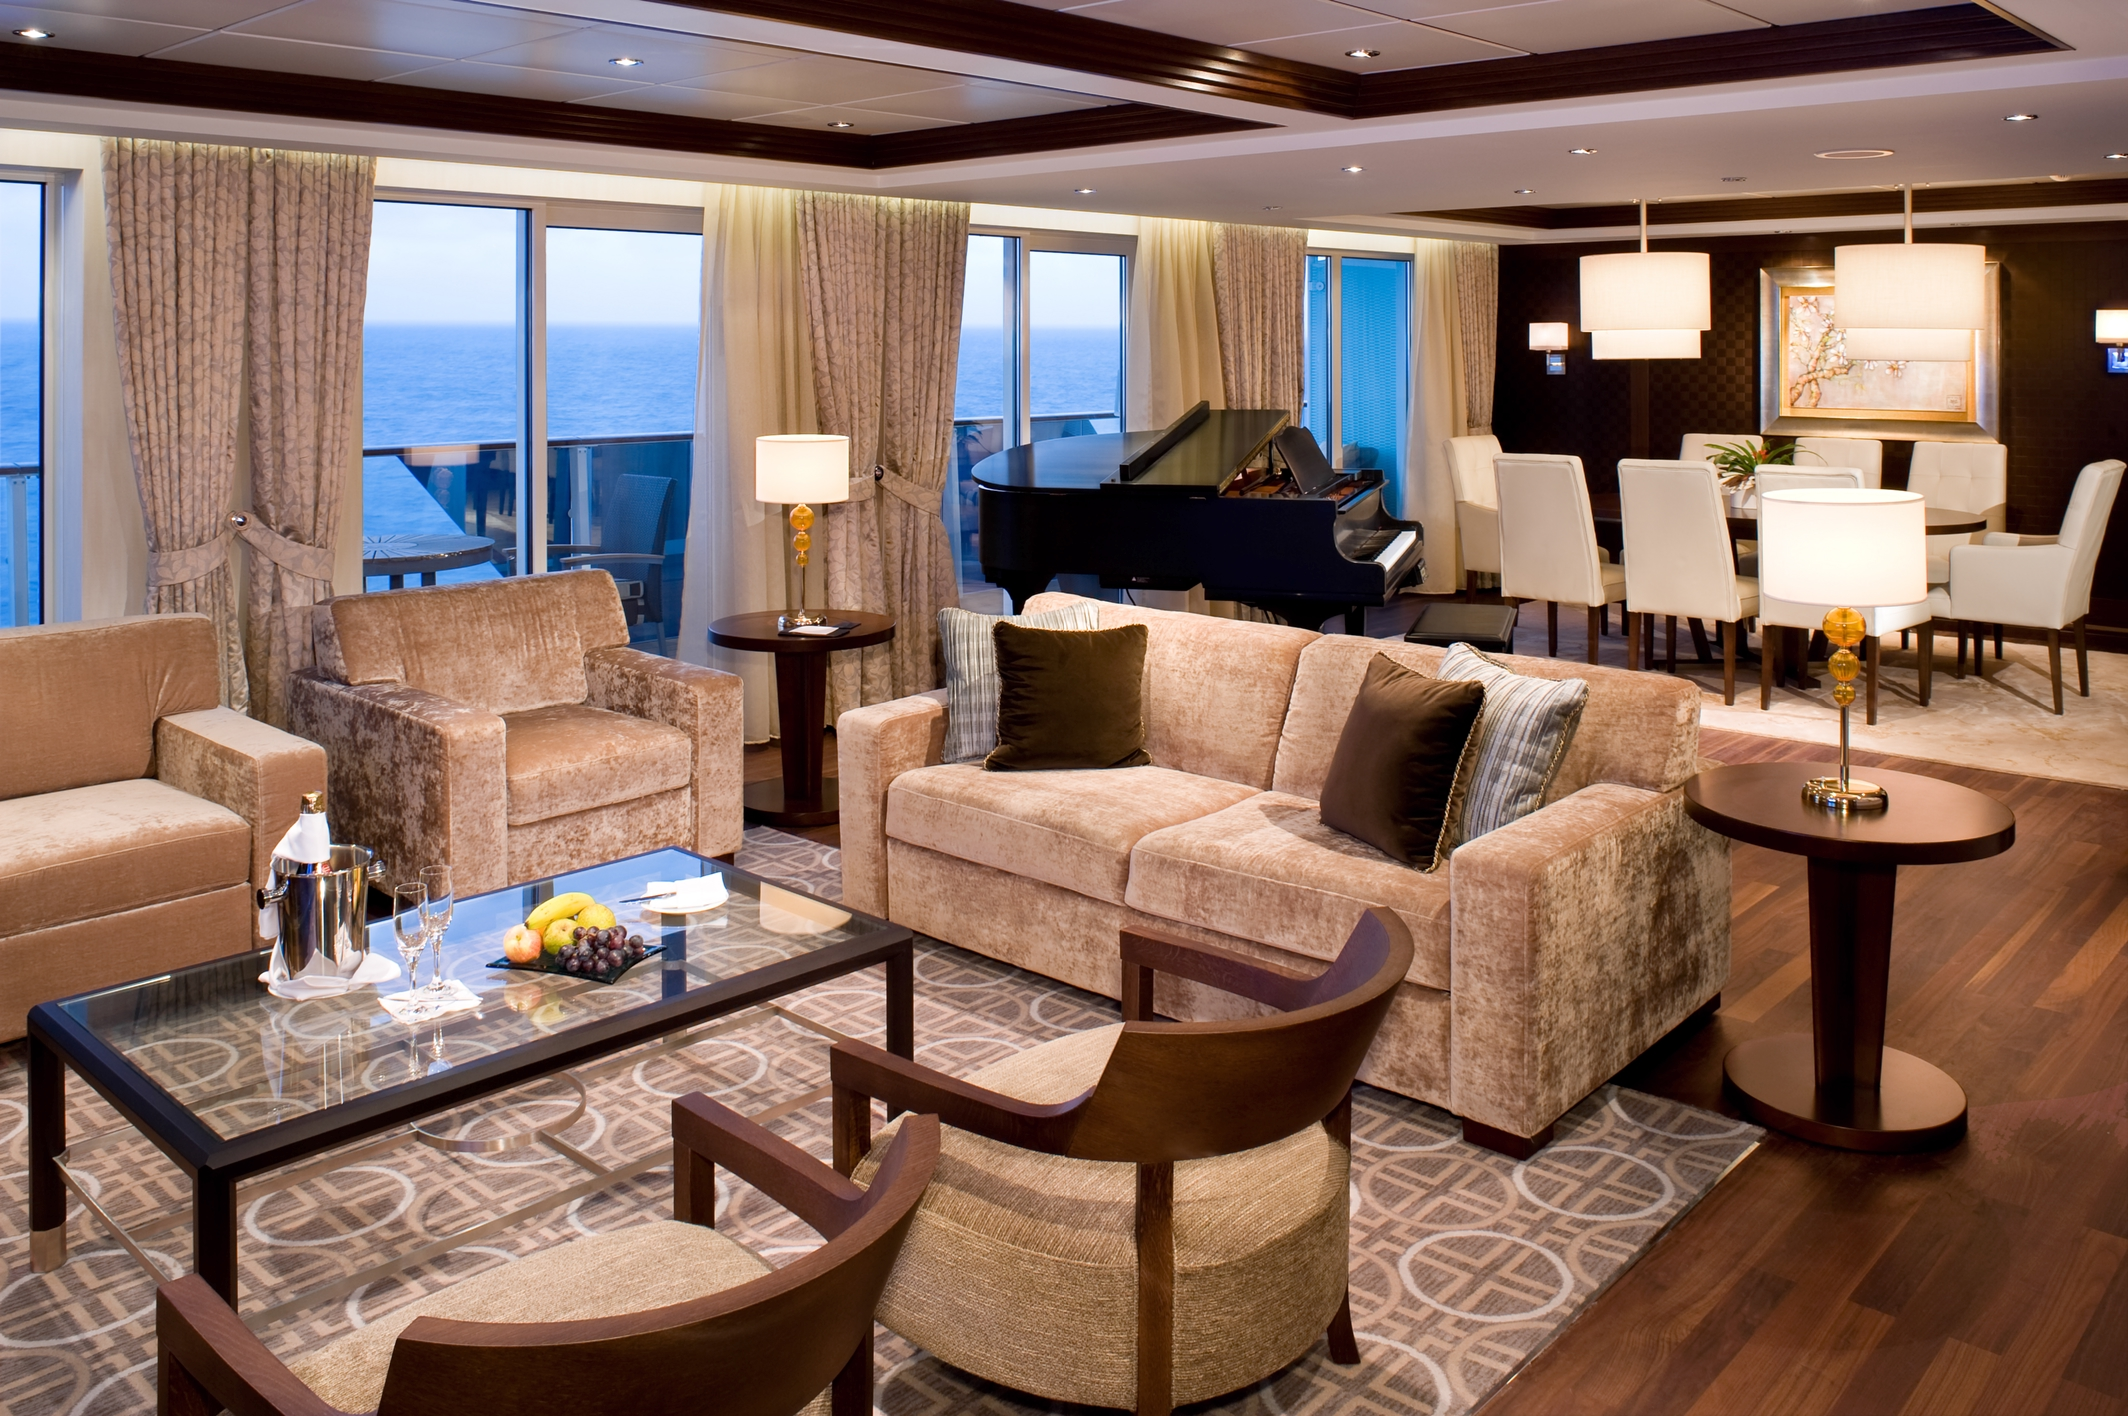 celebrity cruises celebrity solstice penthouse suite 1.jpg